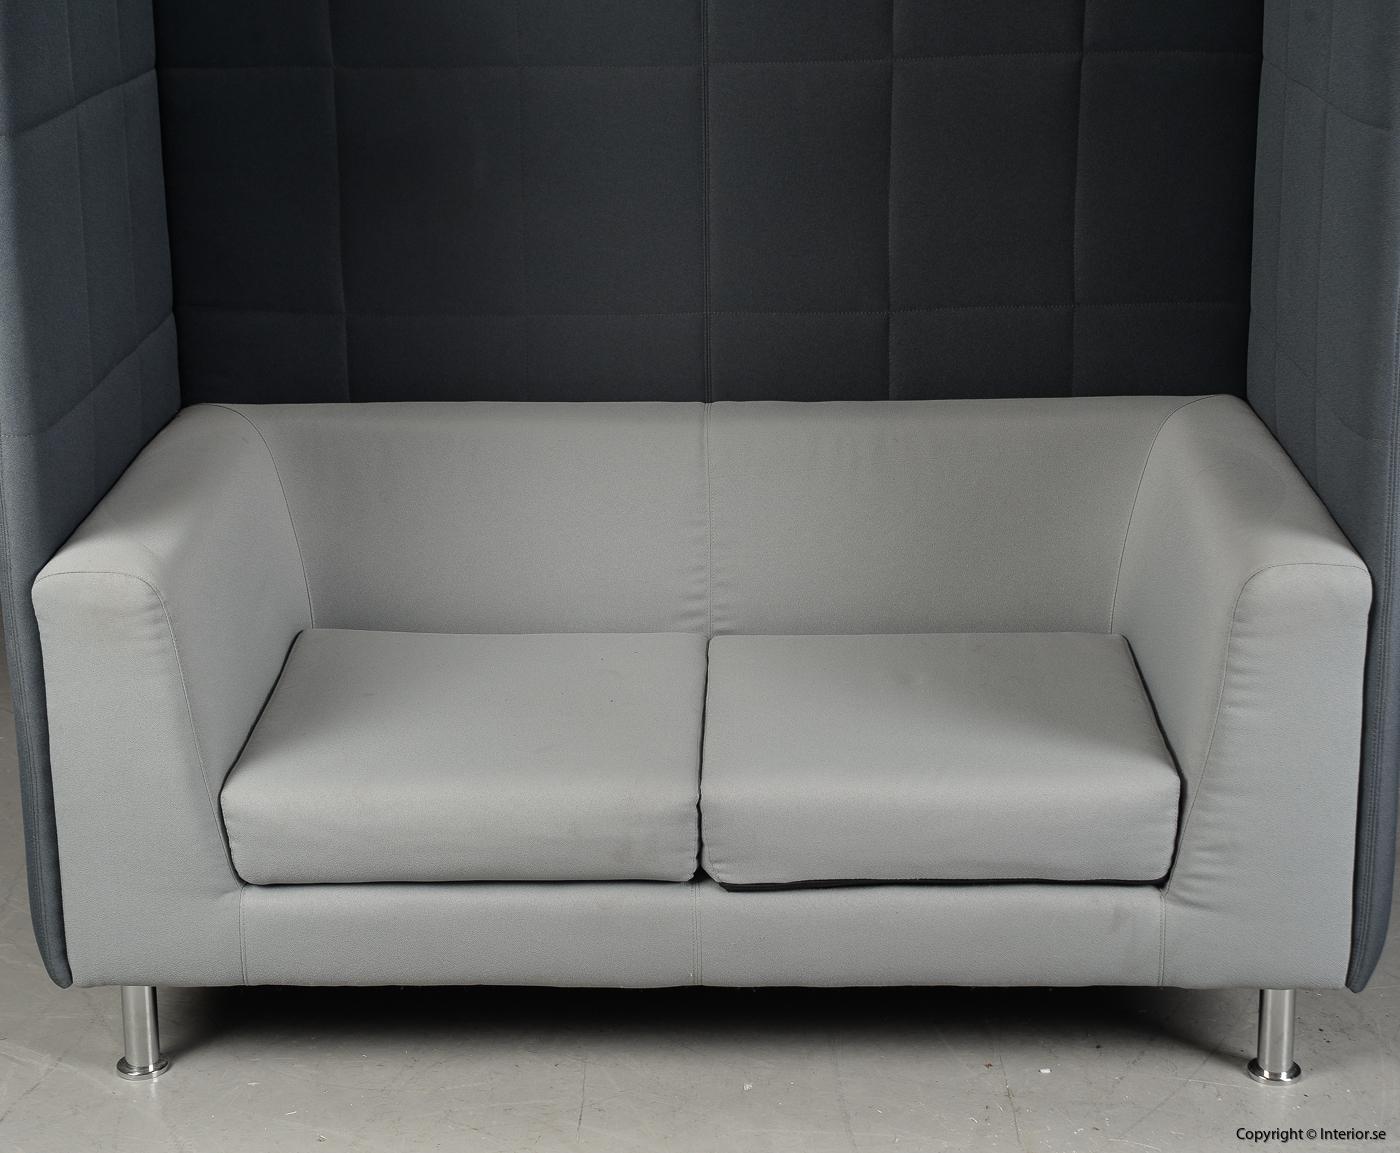 Soffa med högt ryggstöd, Holmris Free Air 2 High Straight modern design 4